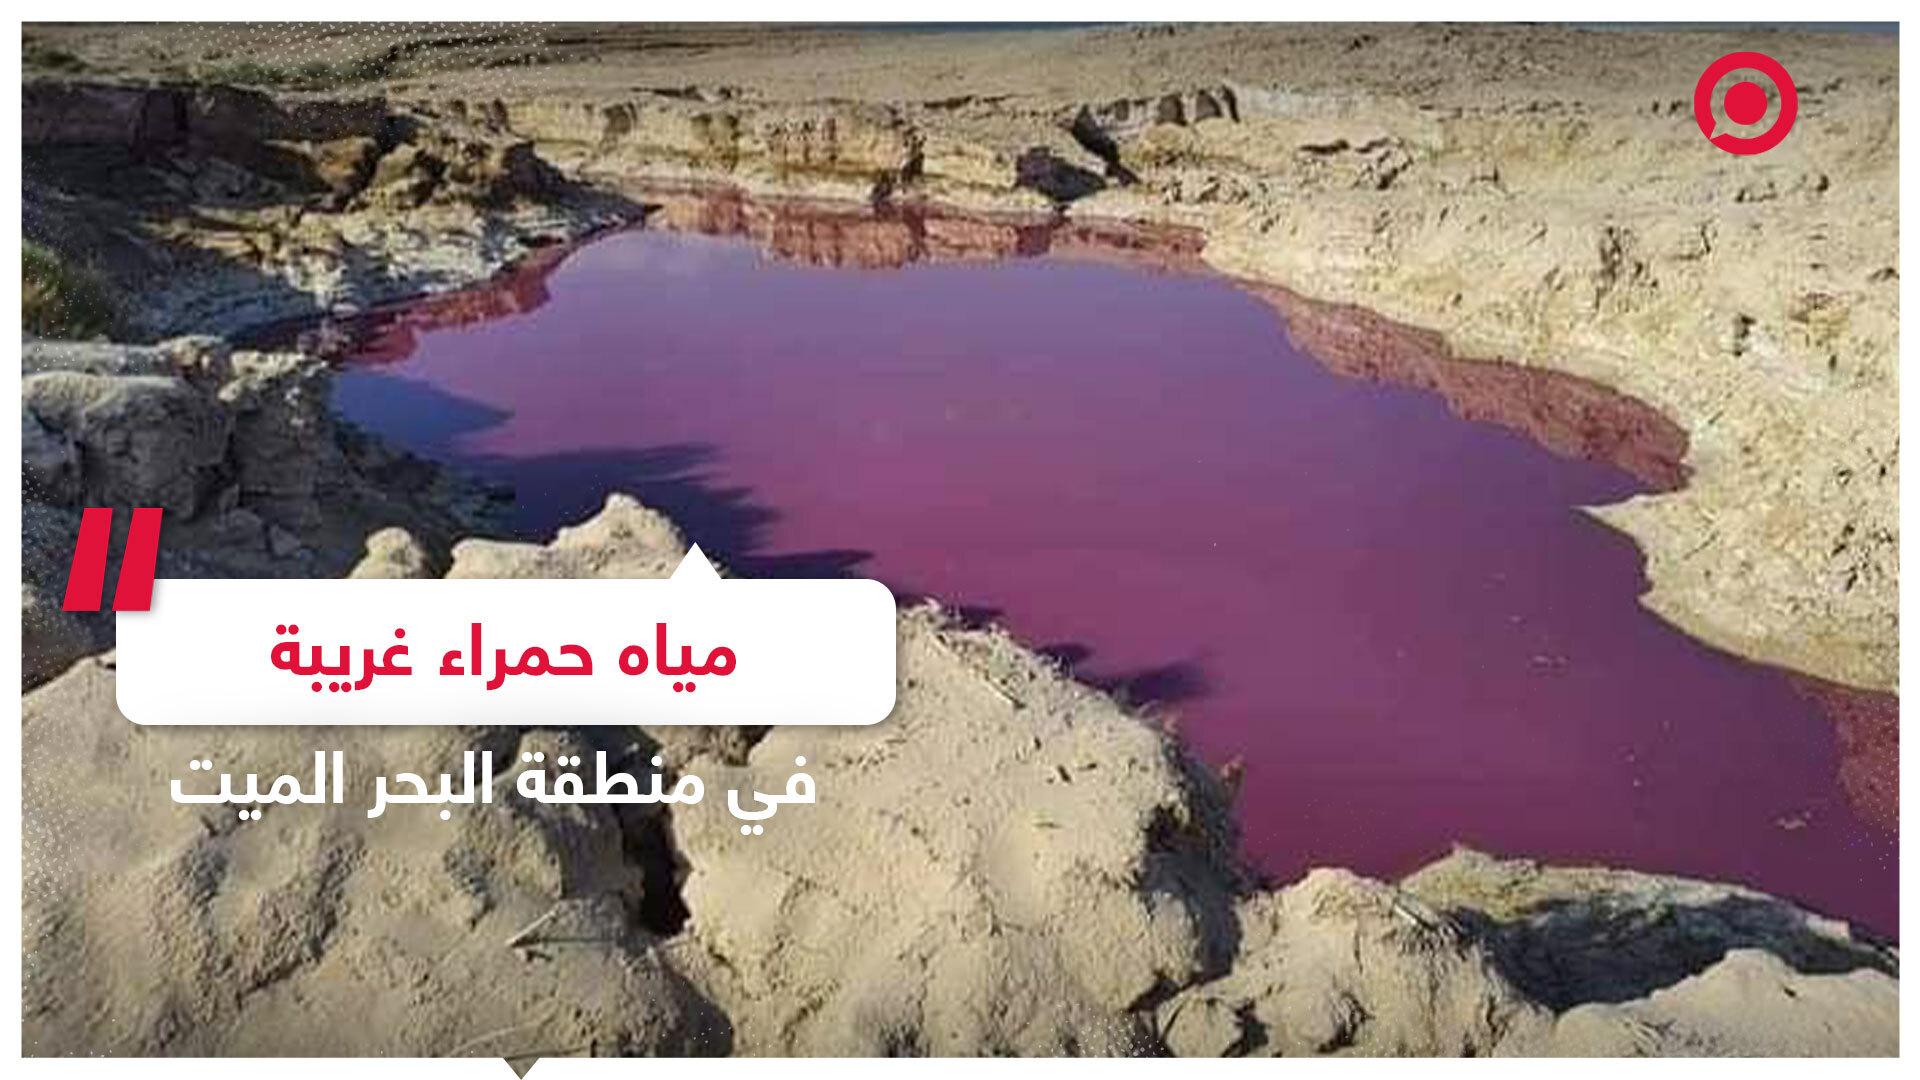 صور غريبة لبركة بمياه حمراء في منطقة البحر الميت